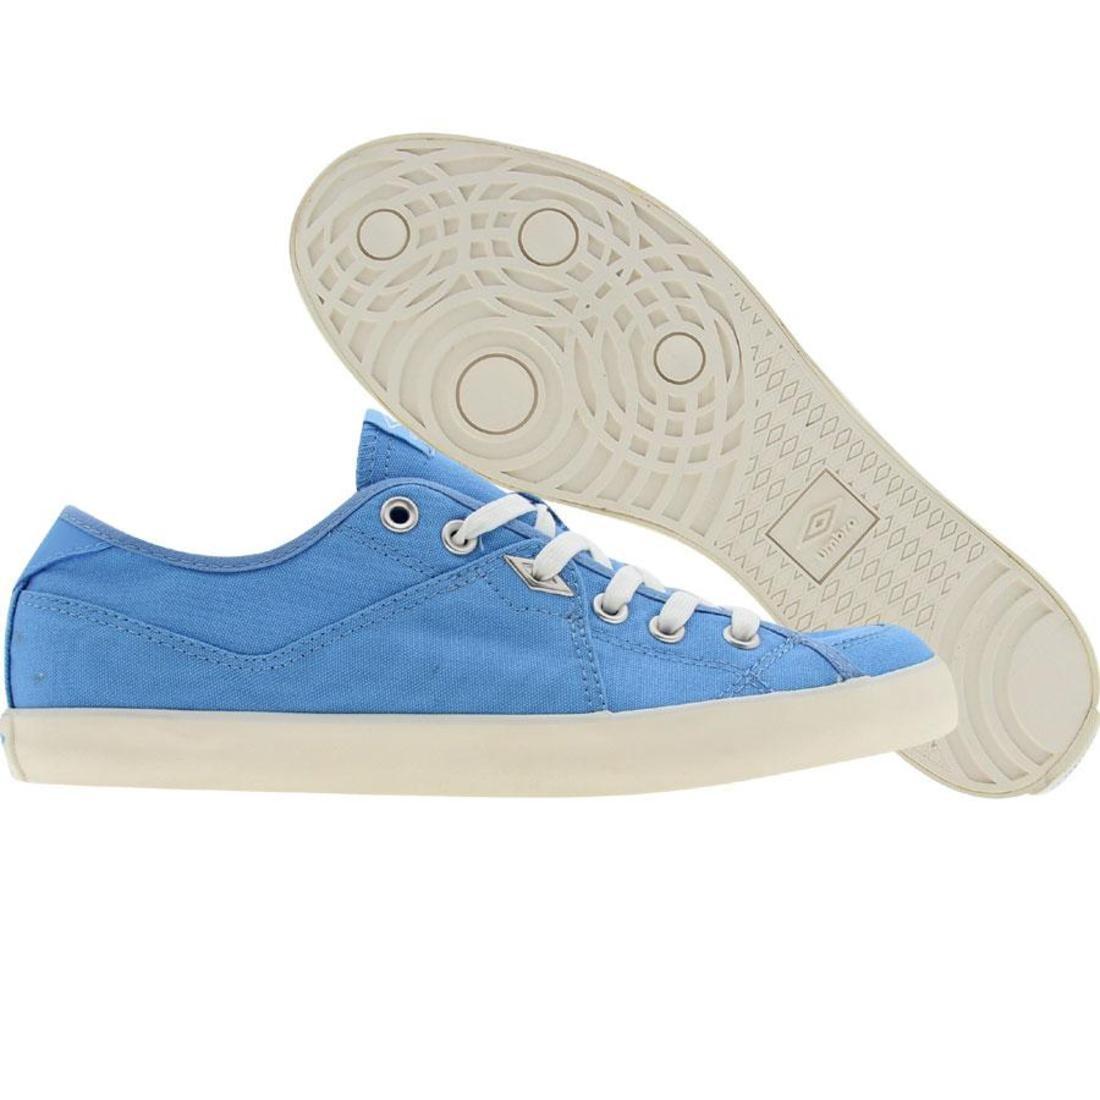 【海外限定】靴 メンズ靴 【 UMBRO MILTON CANVASA VISTA BLUE 】